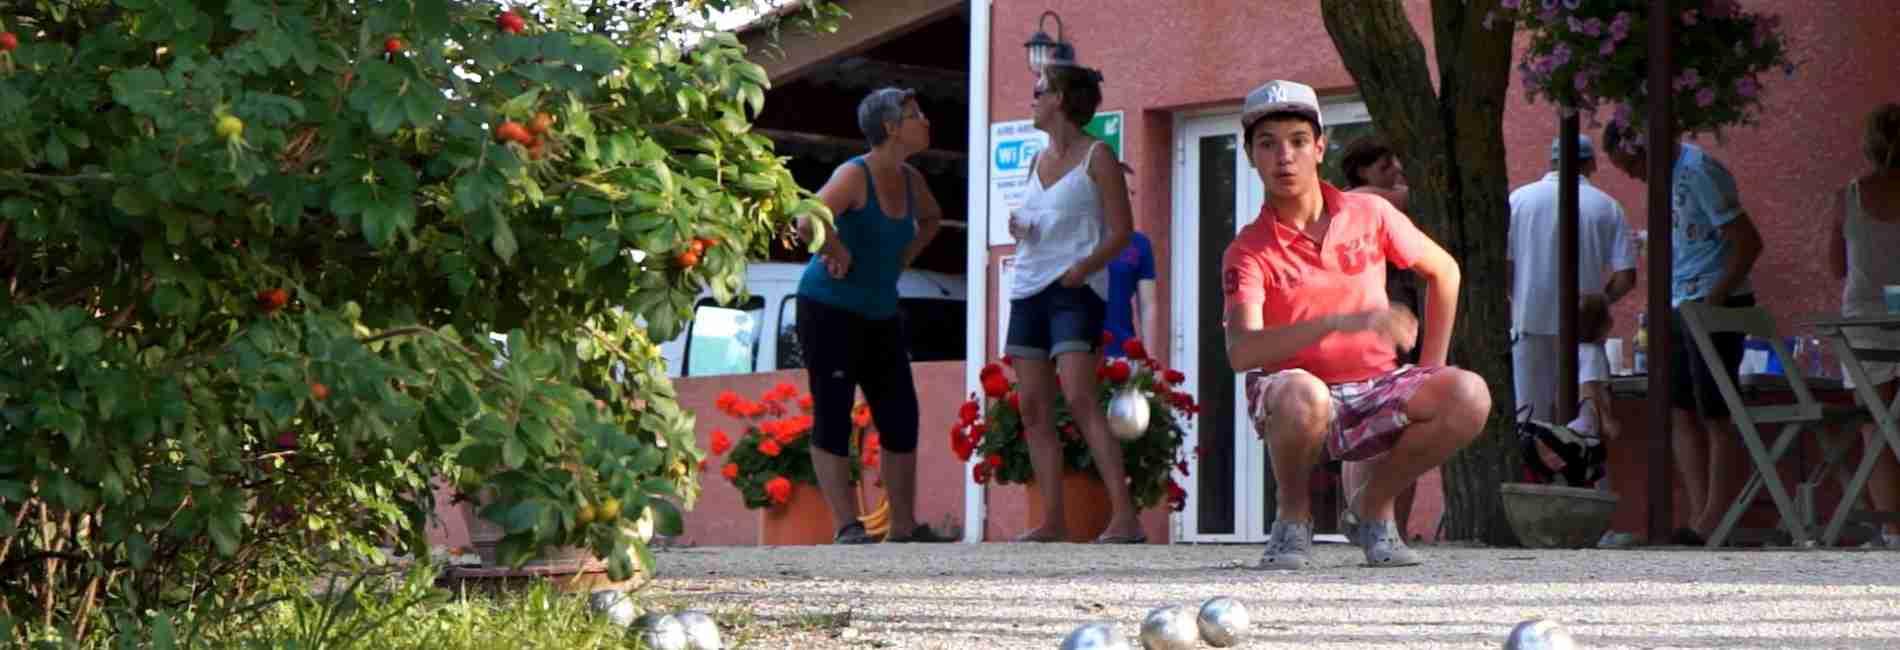 accueil-village-vacance.jpg